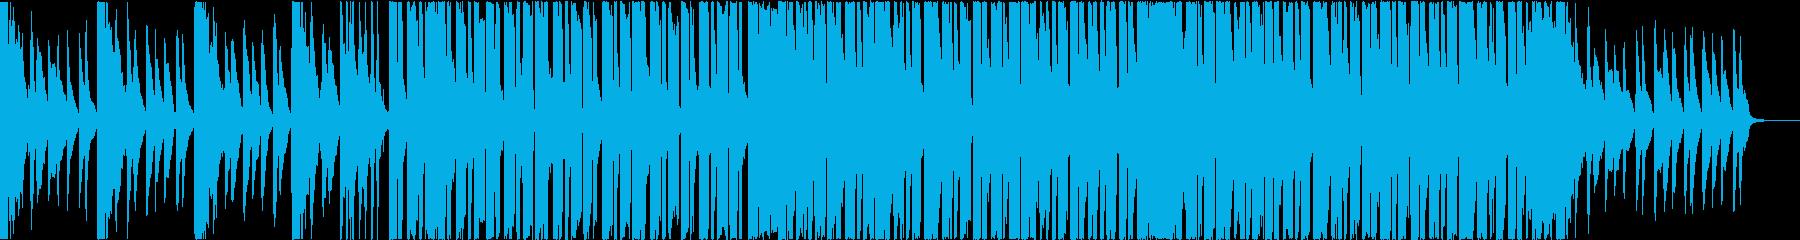 太いベース、無機質な印象のエレクトロニカの再生済みの波形